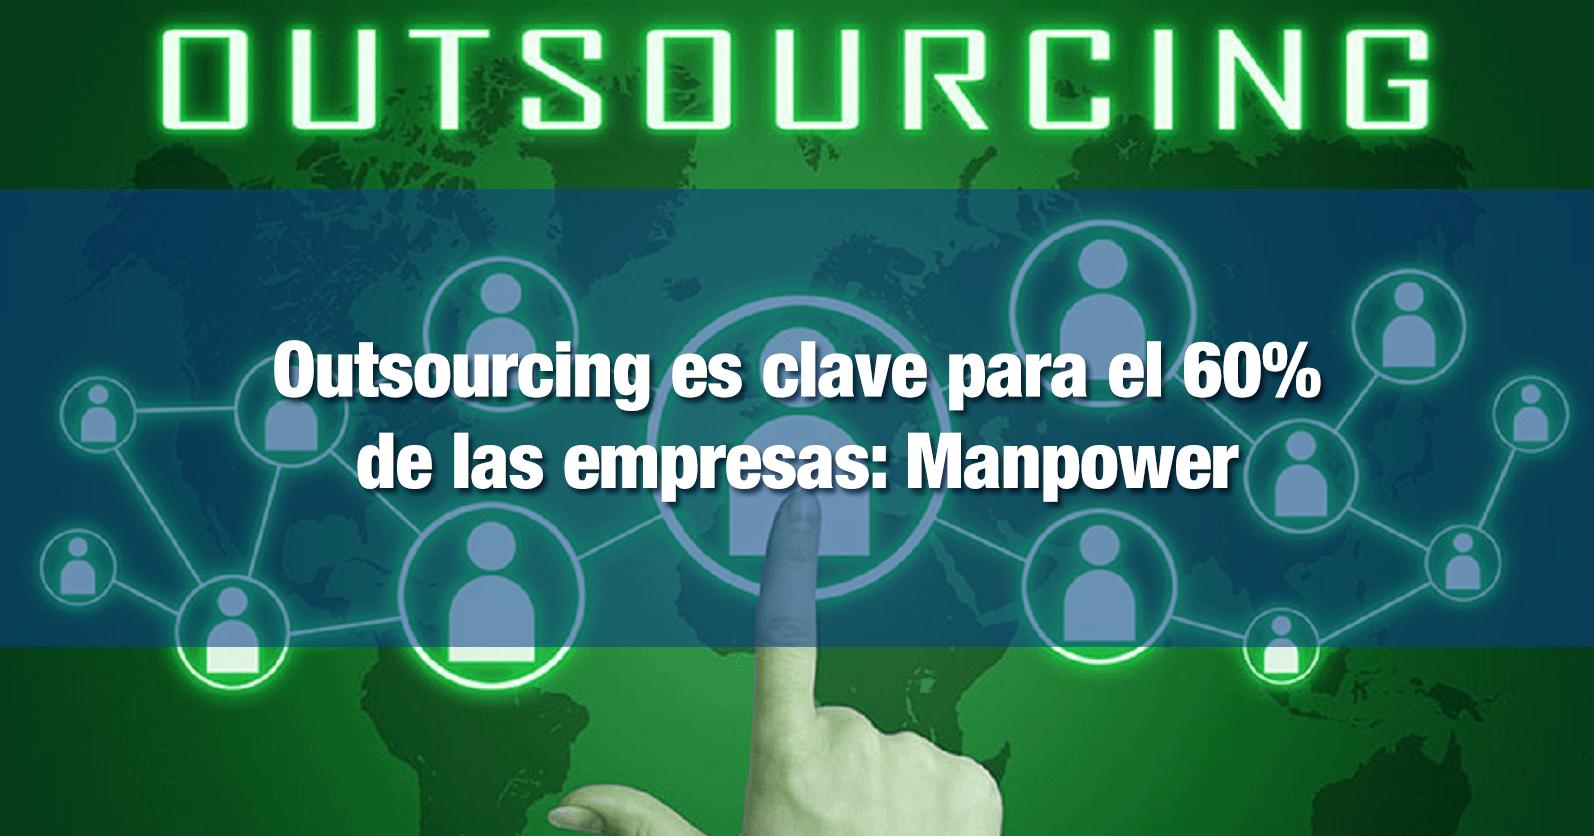 Outsourcing es clave para el 60% de las empresas: Manpower